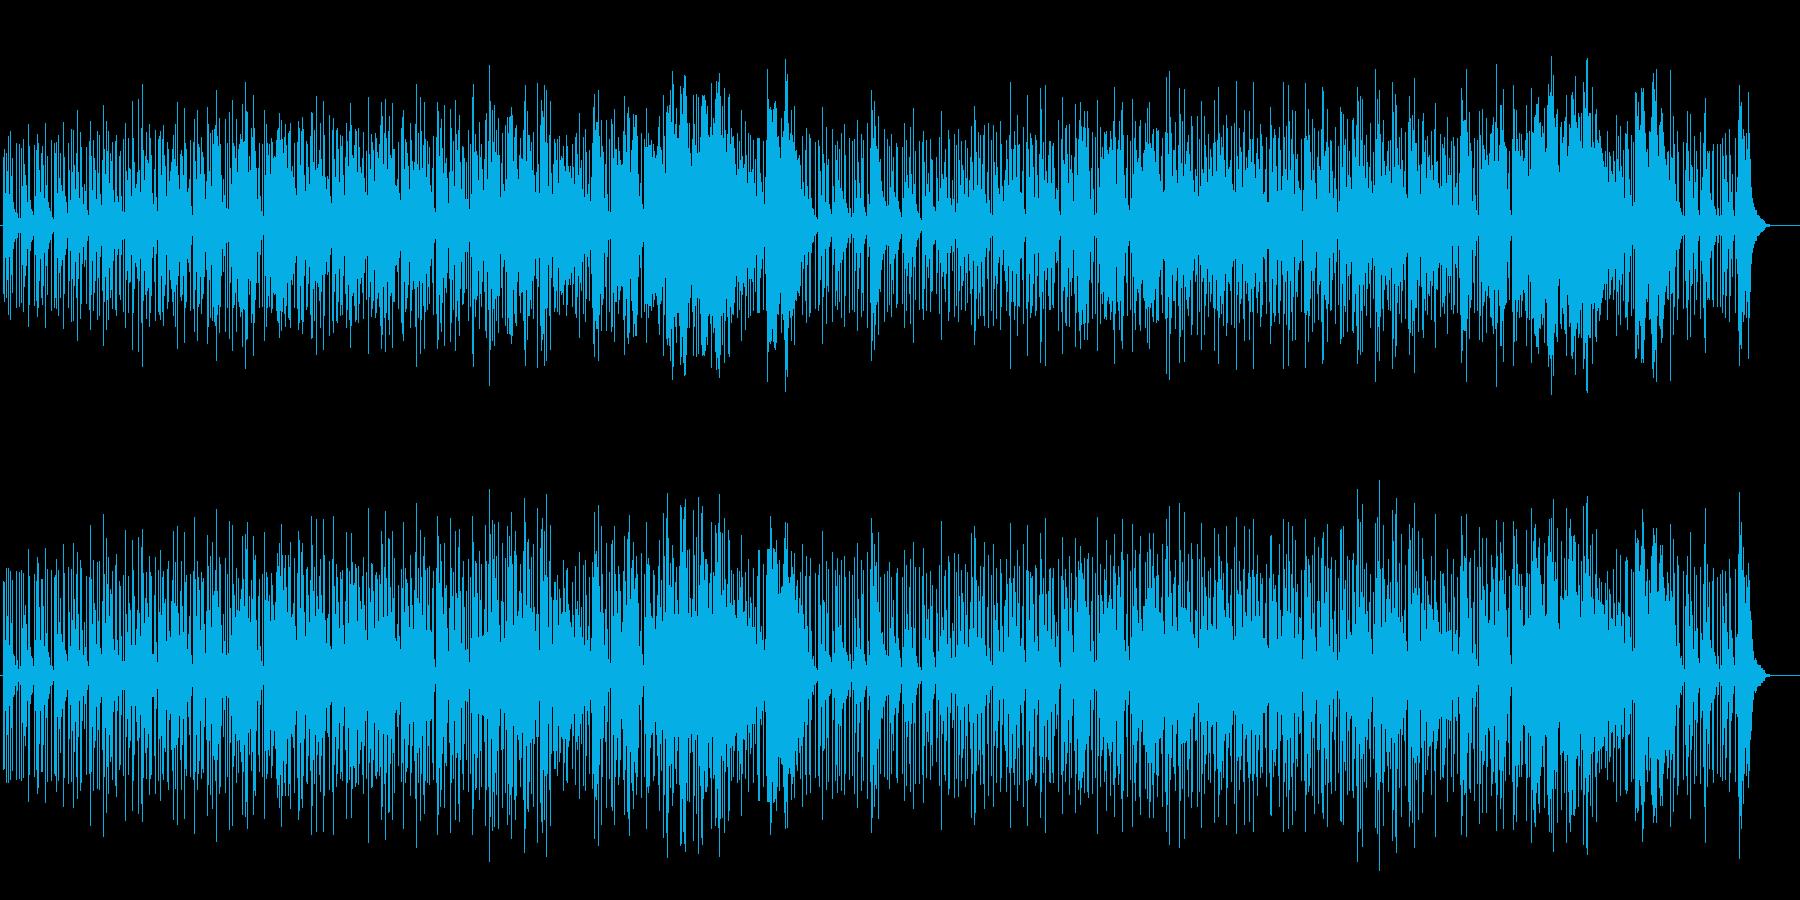 エレクトリックなアジア風サウンドの再生済みの波形